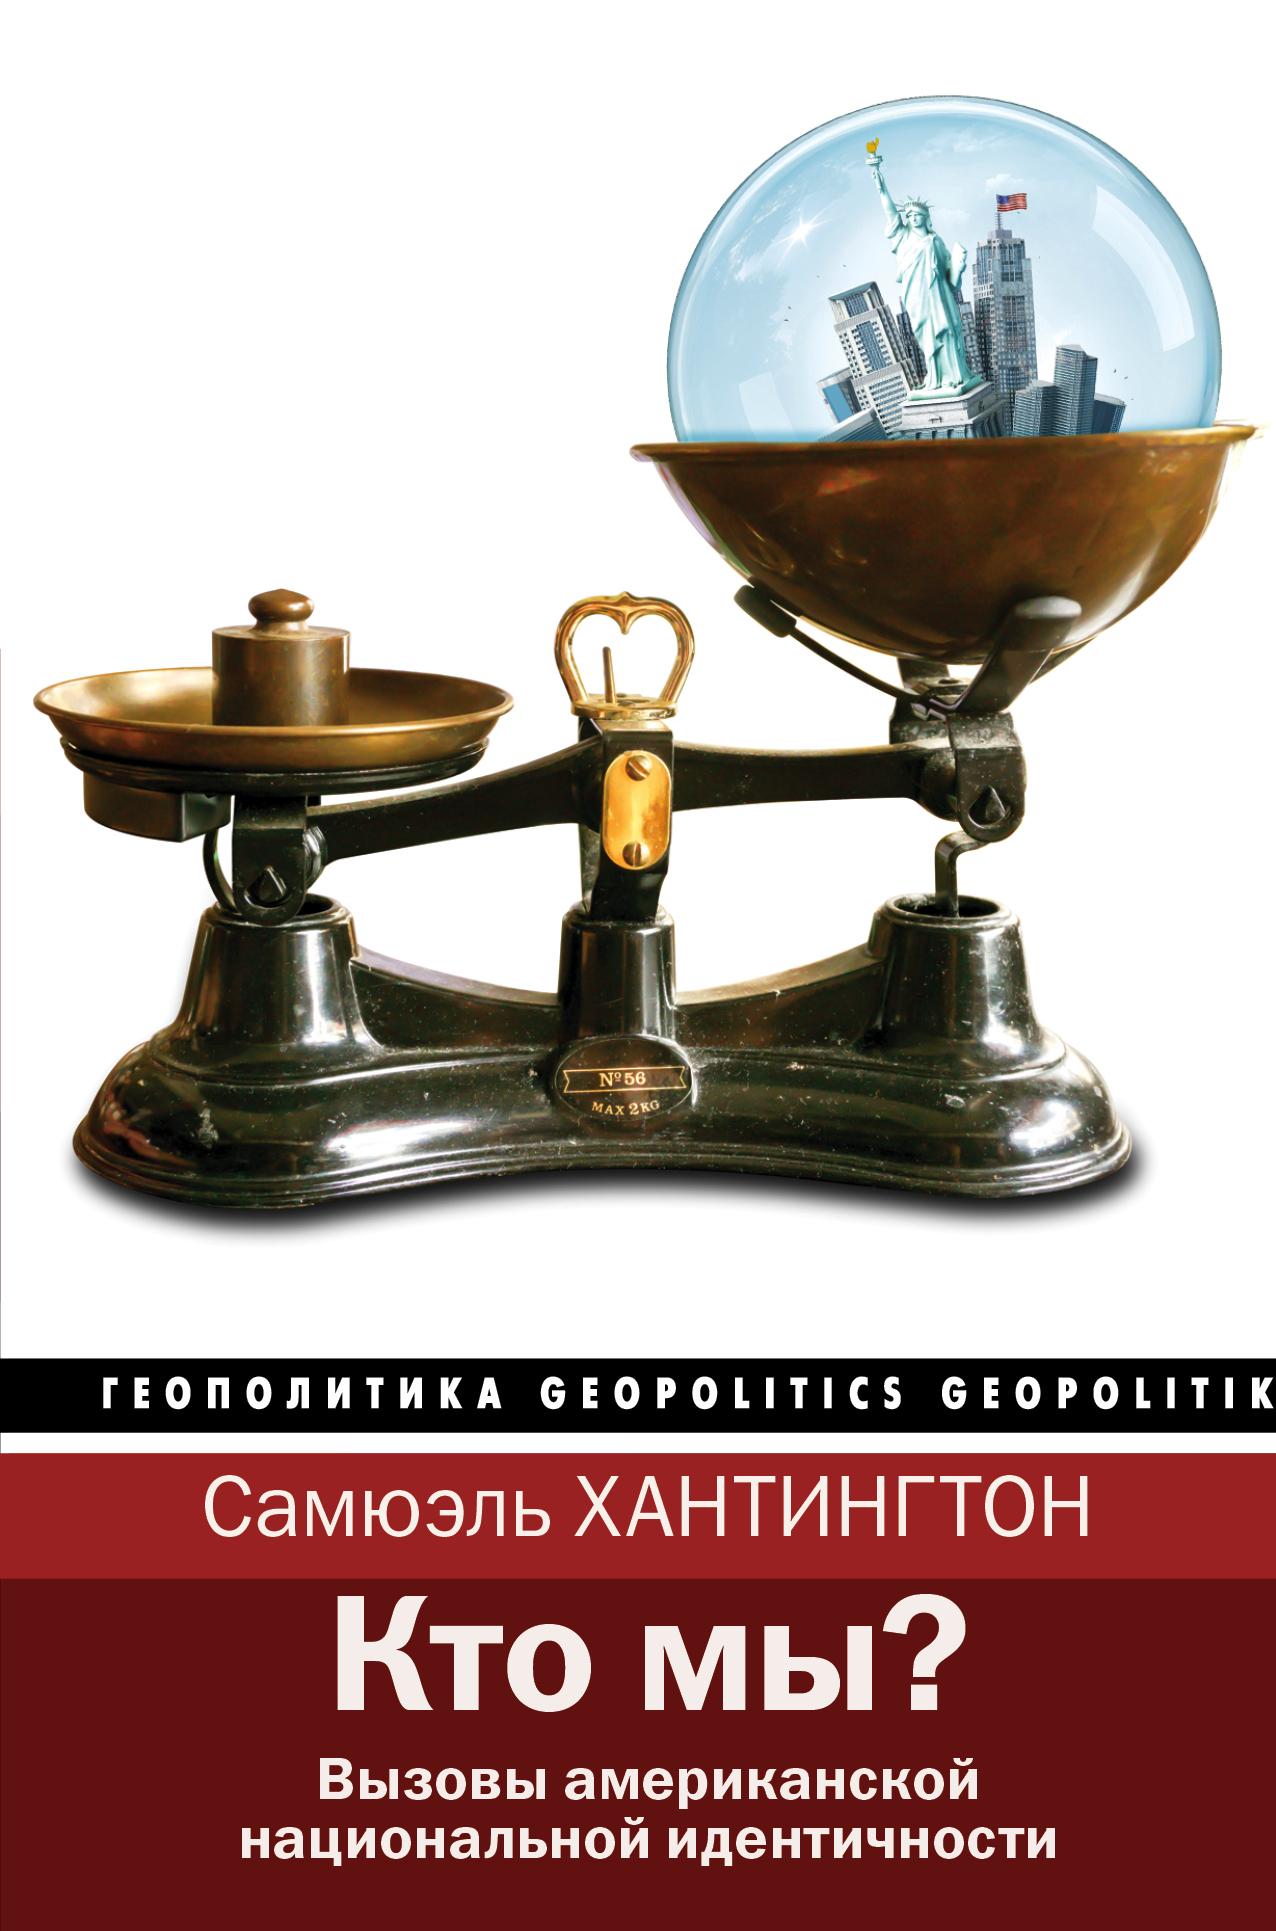 Самюэль Хантингтон Кто мы? Вызовы американской национальной идентичности ISBN: 978-5-17-107340-4 становление личностной идентичности студентов современного вуза